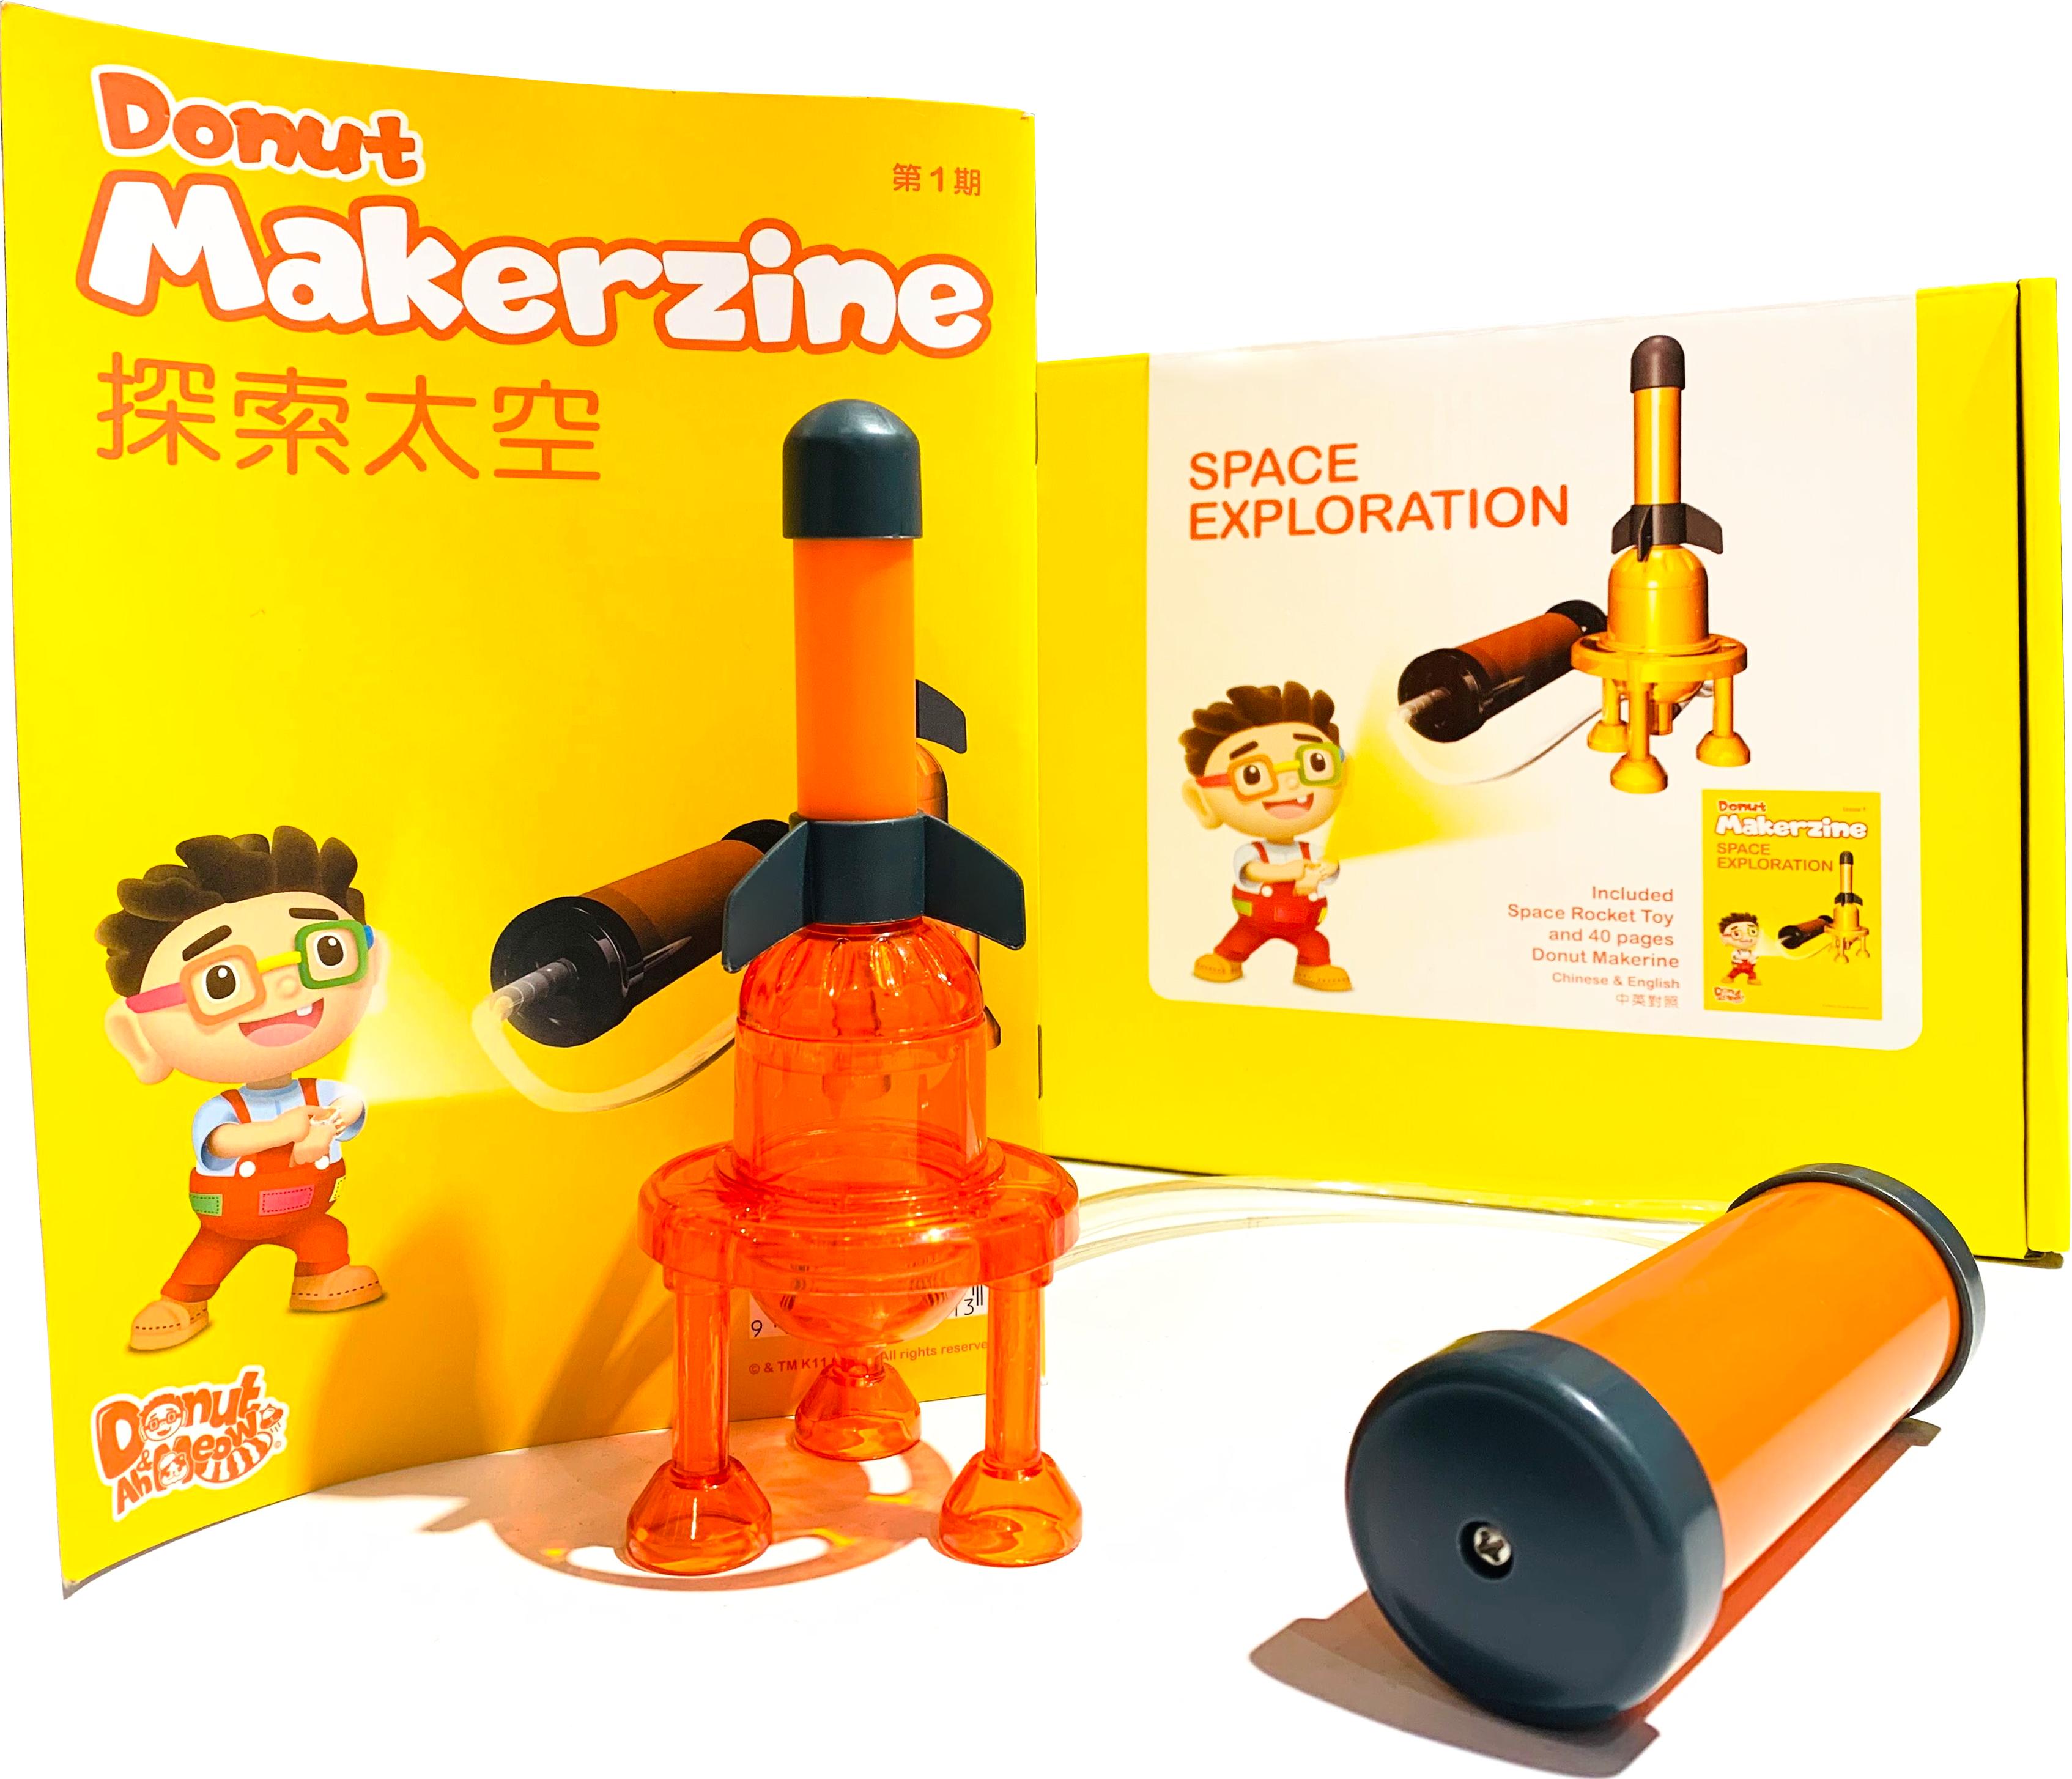 Donut Maker Box